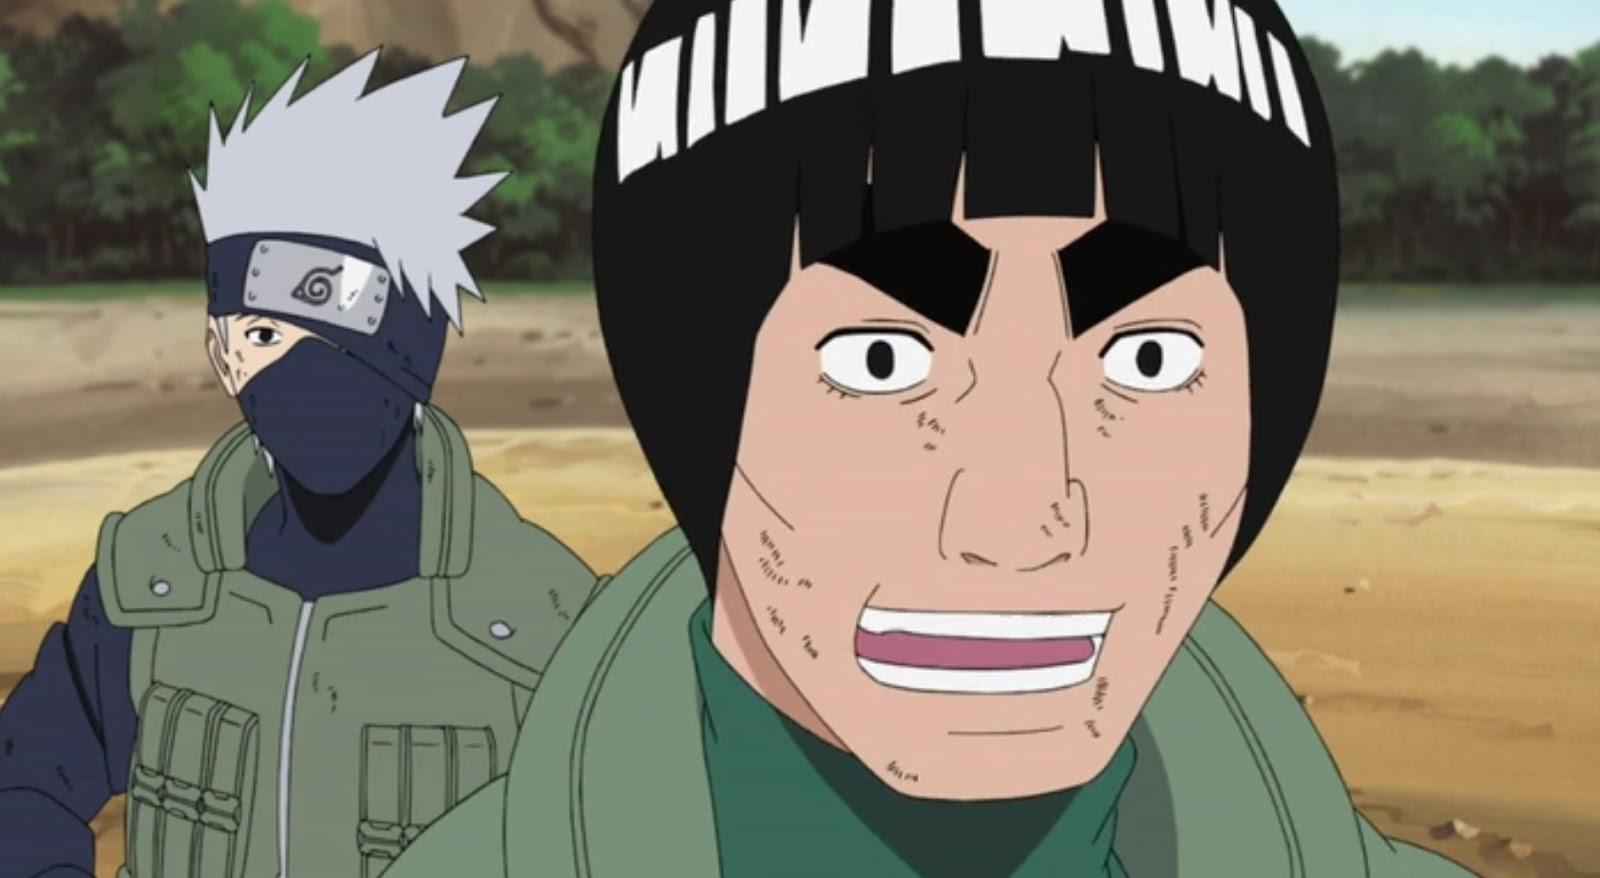 Naruto Shippuden Episódio 219, Assistir Naruto Shippuden Episódio 219, Assistir Naruto Shippuden Todos os Episódios Legendado, Naruto Shippuden episódio 219,HD